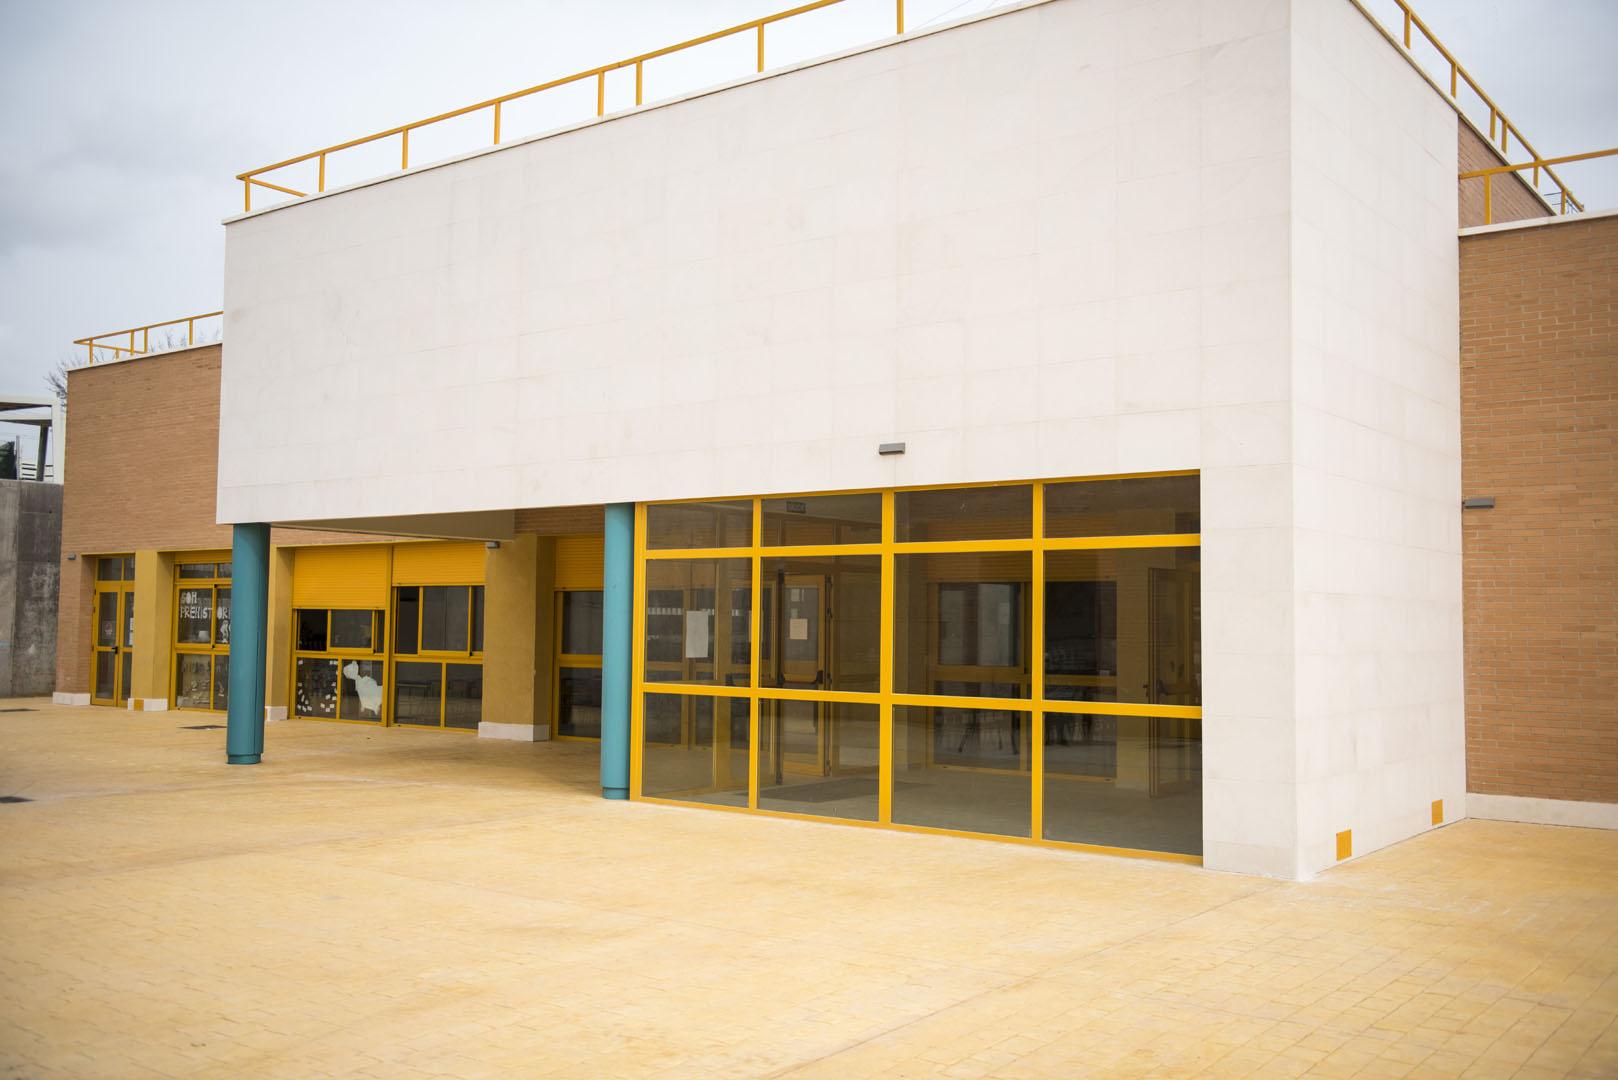 http://colegiotempranales.com/images/tempranales/centro/galeria/Comedor1.jpg